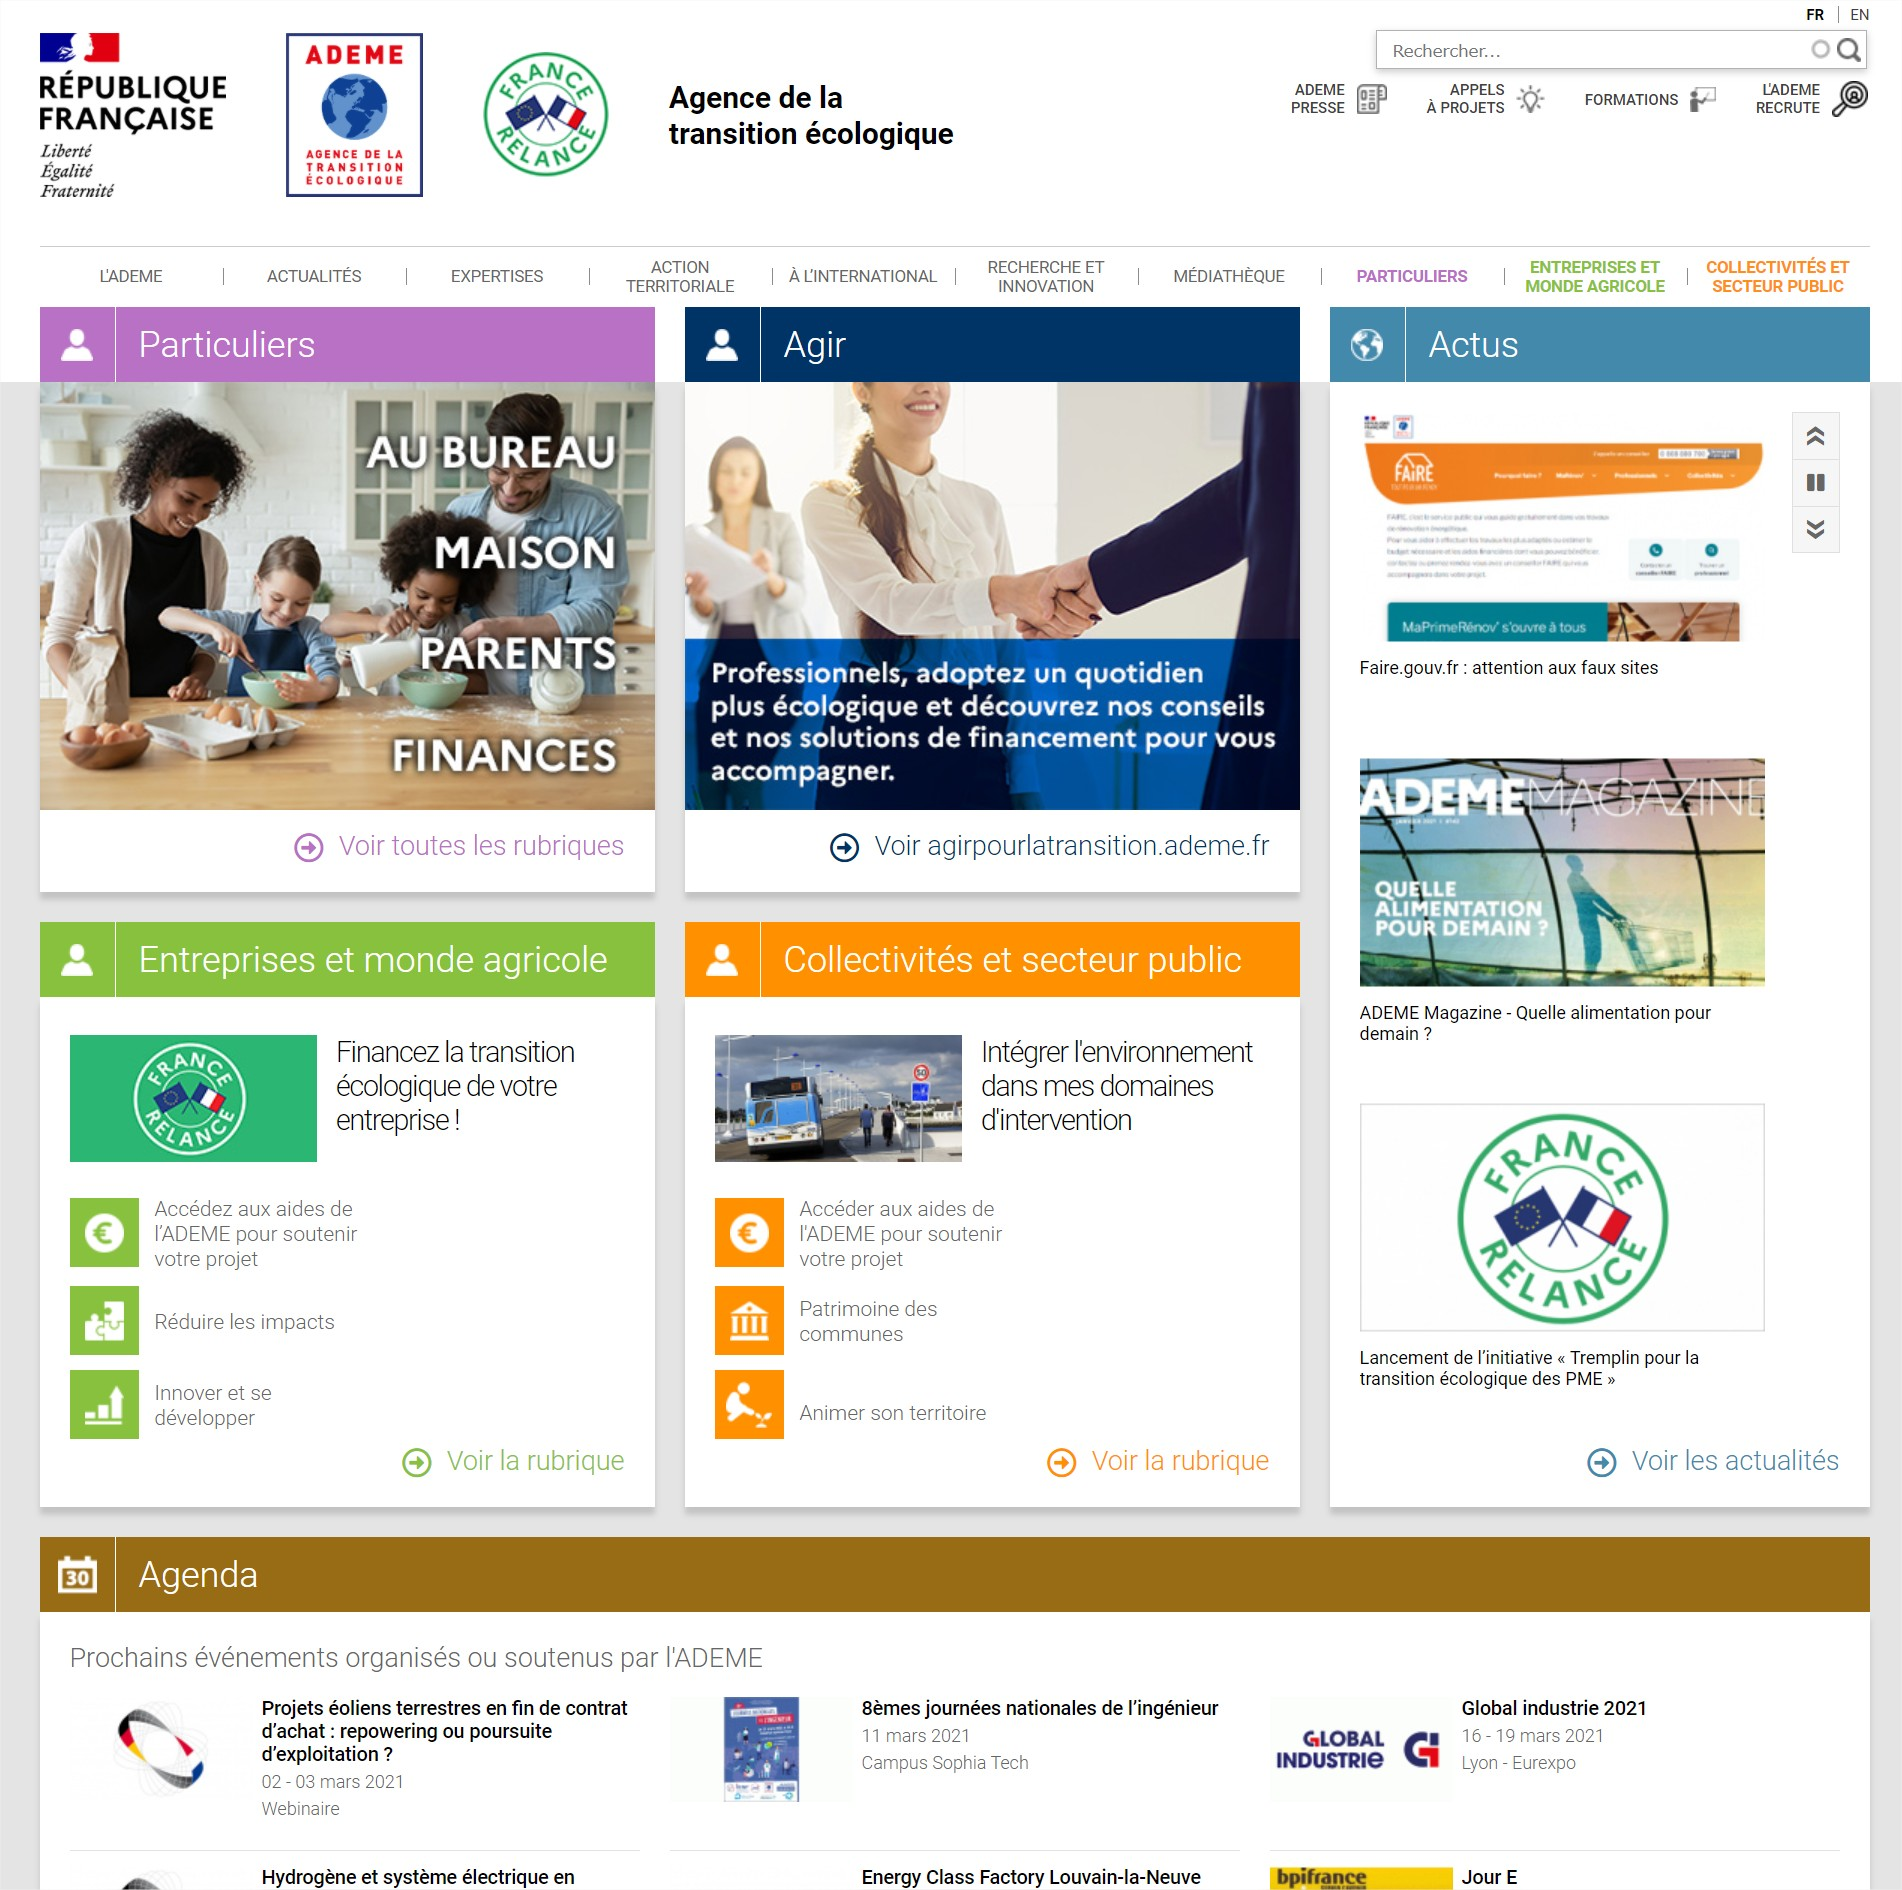 Agence de la transition écologique - ADEME - Google Chrome